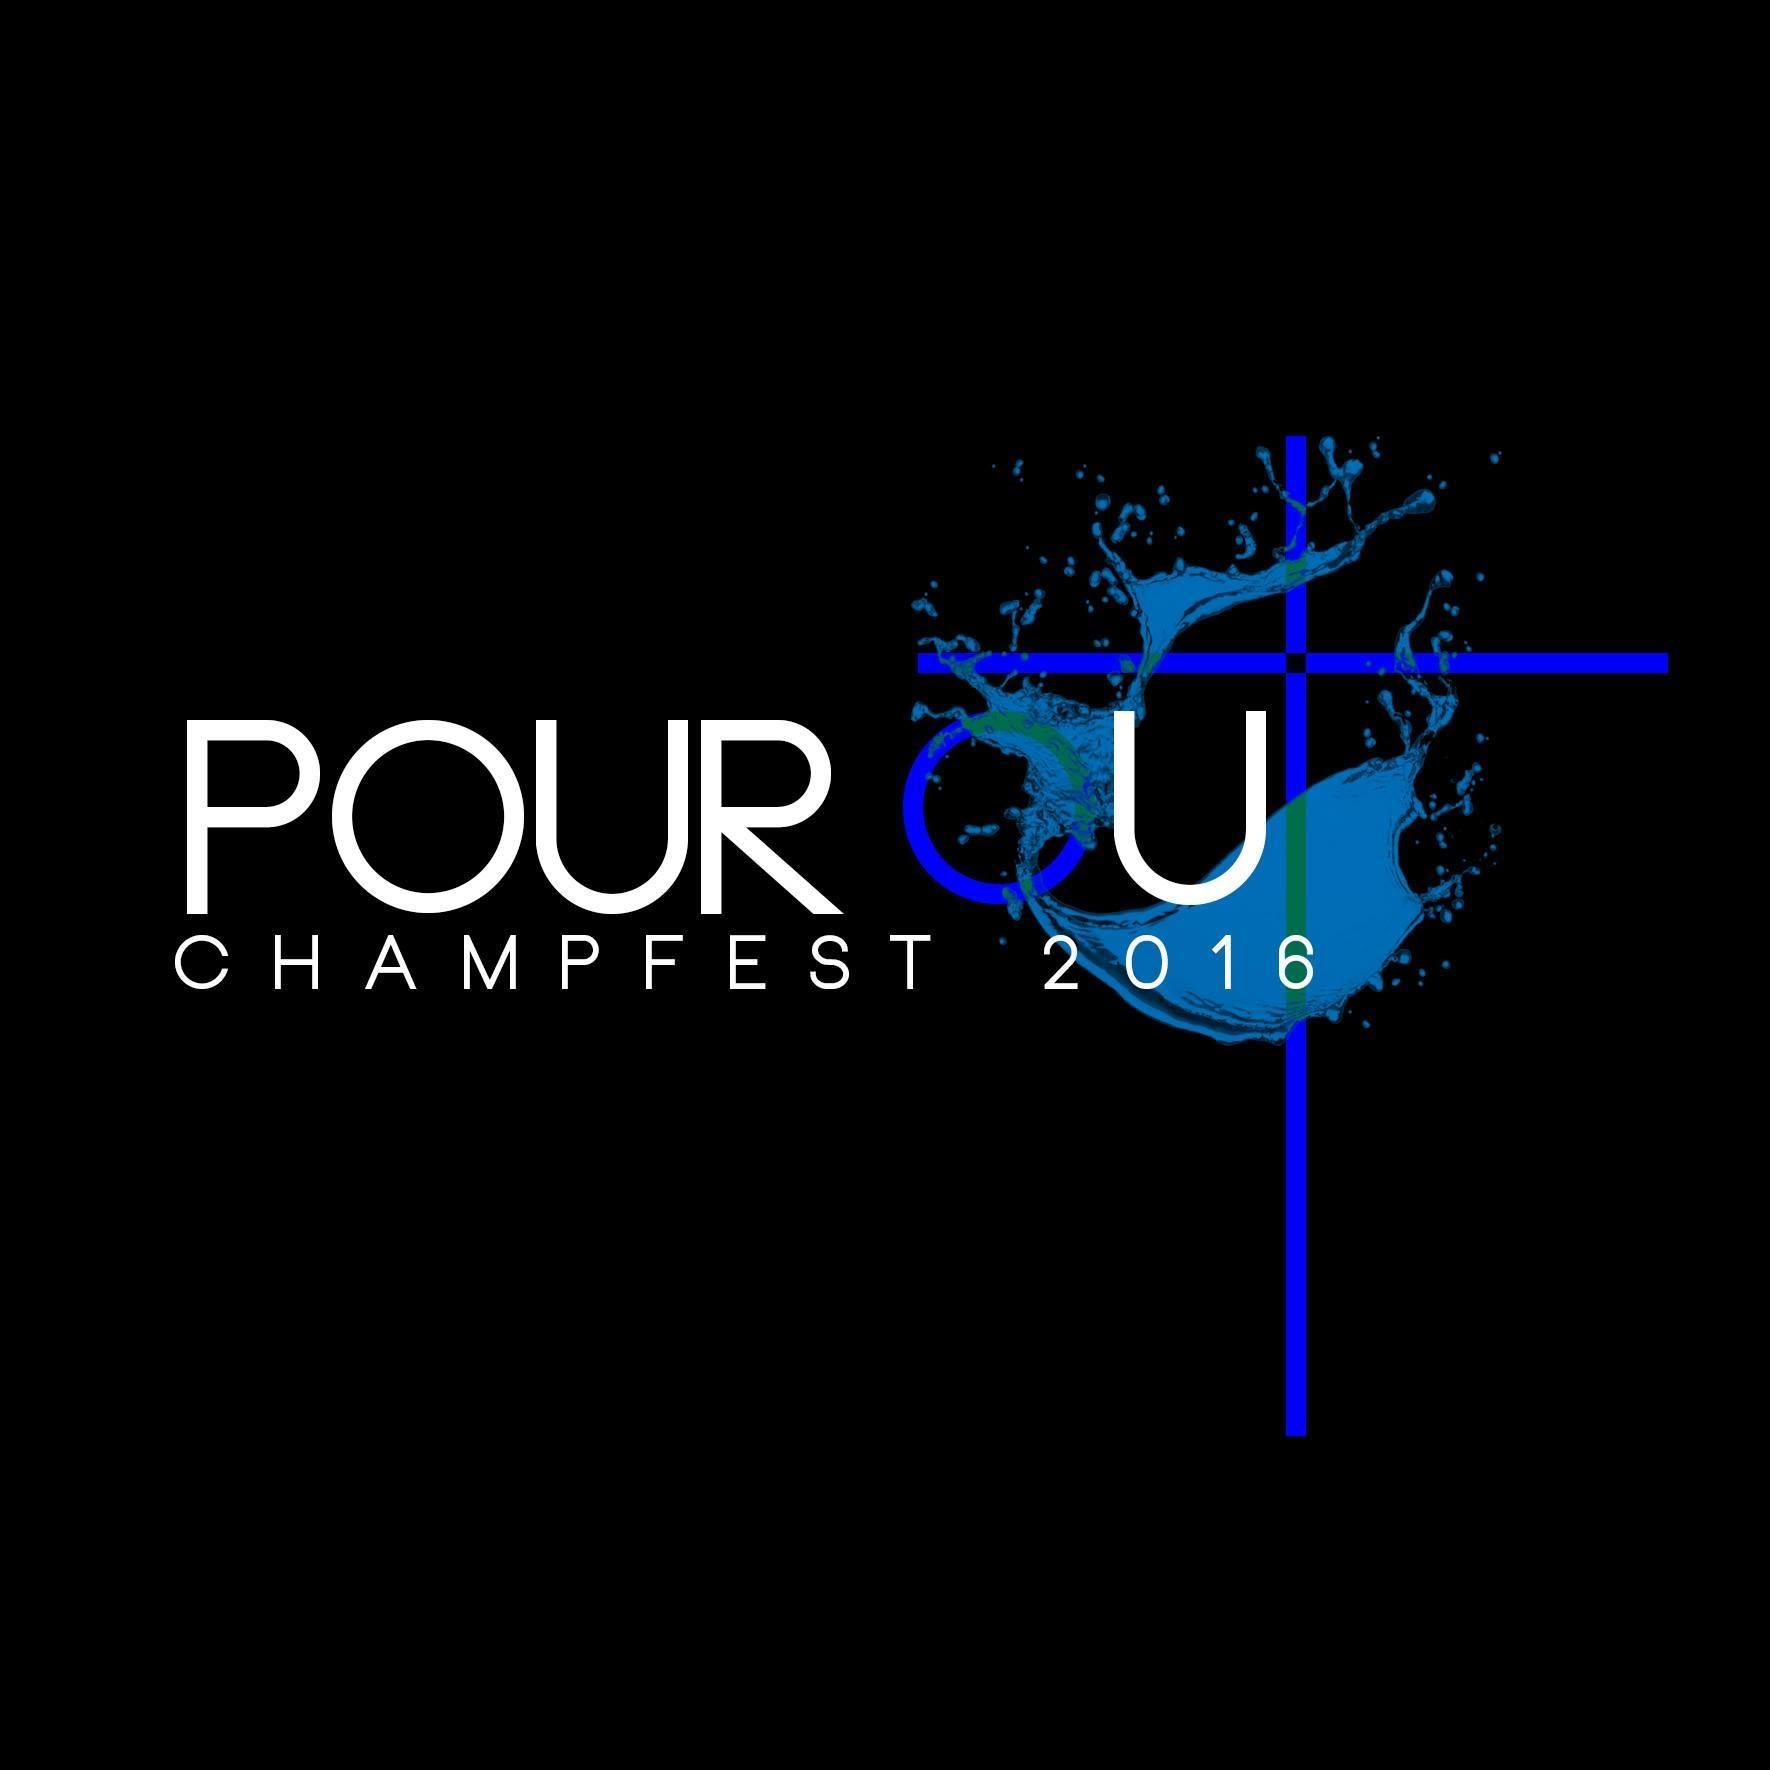 Pour Out 2016 Champfest 10:30am Central Celebration Youth